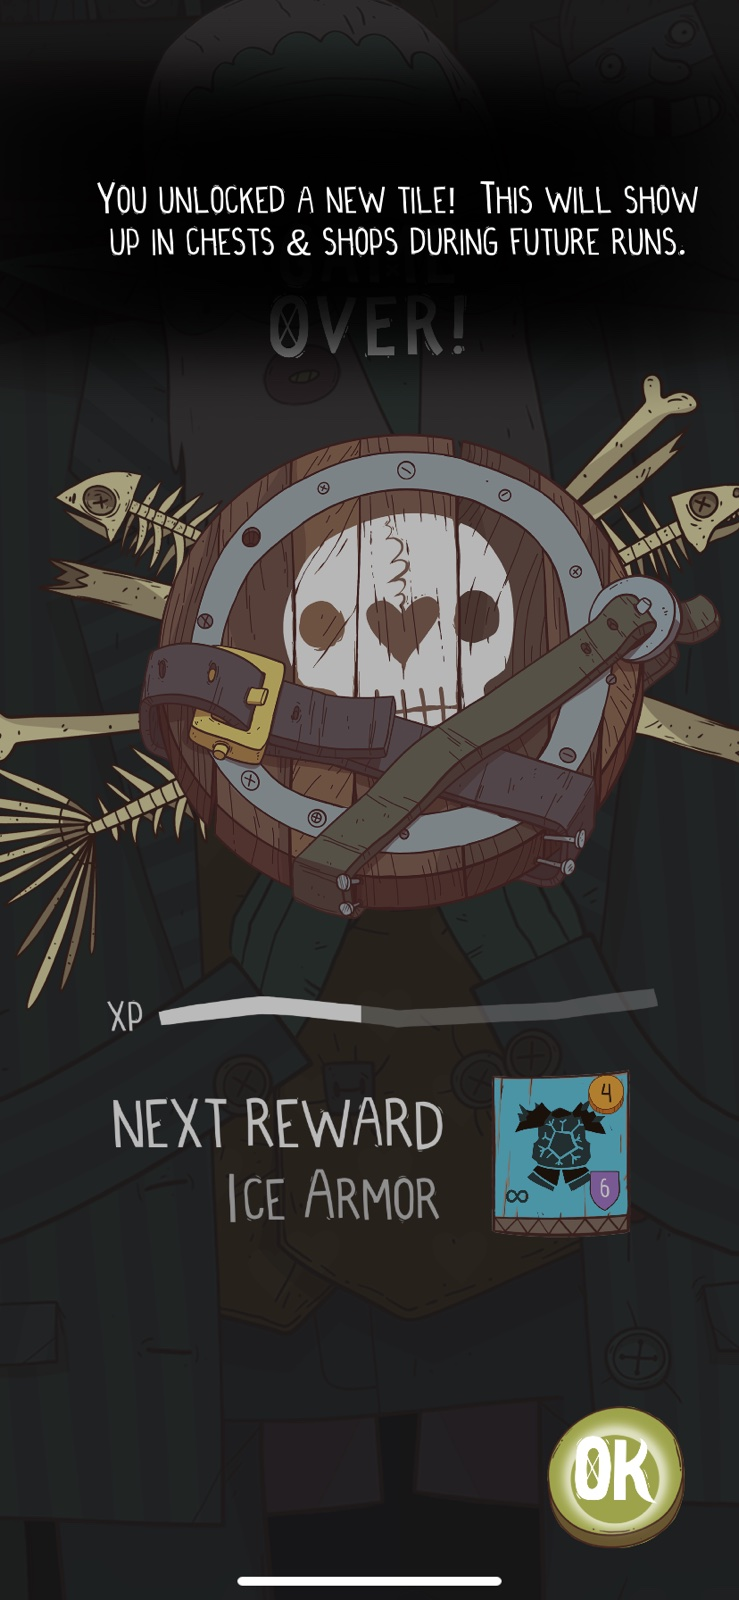 Обзор Meteorfall: Krumit's Tale - «Я хочу выйти из ярости, но ох, блестяшка…»